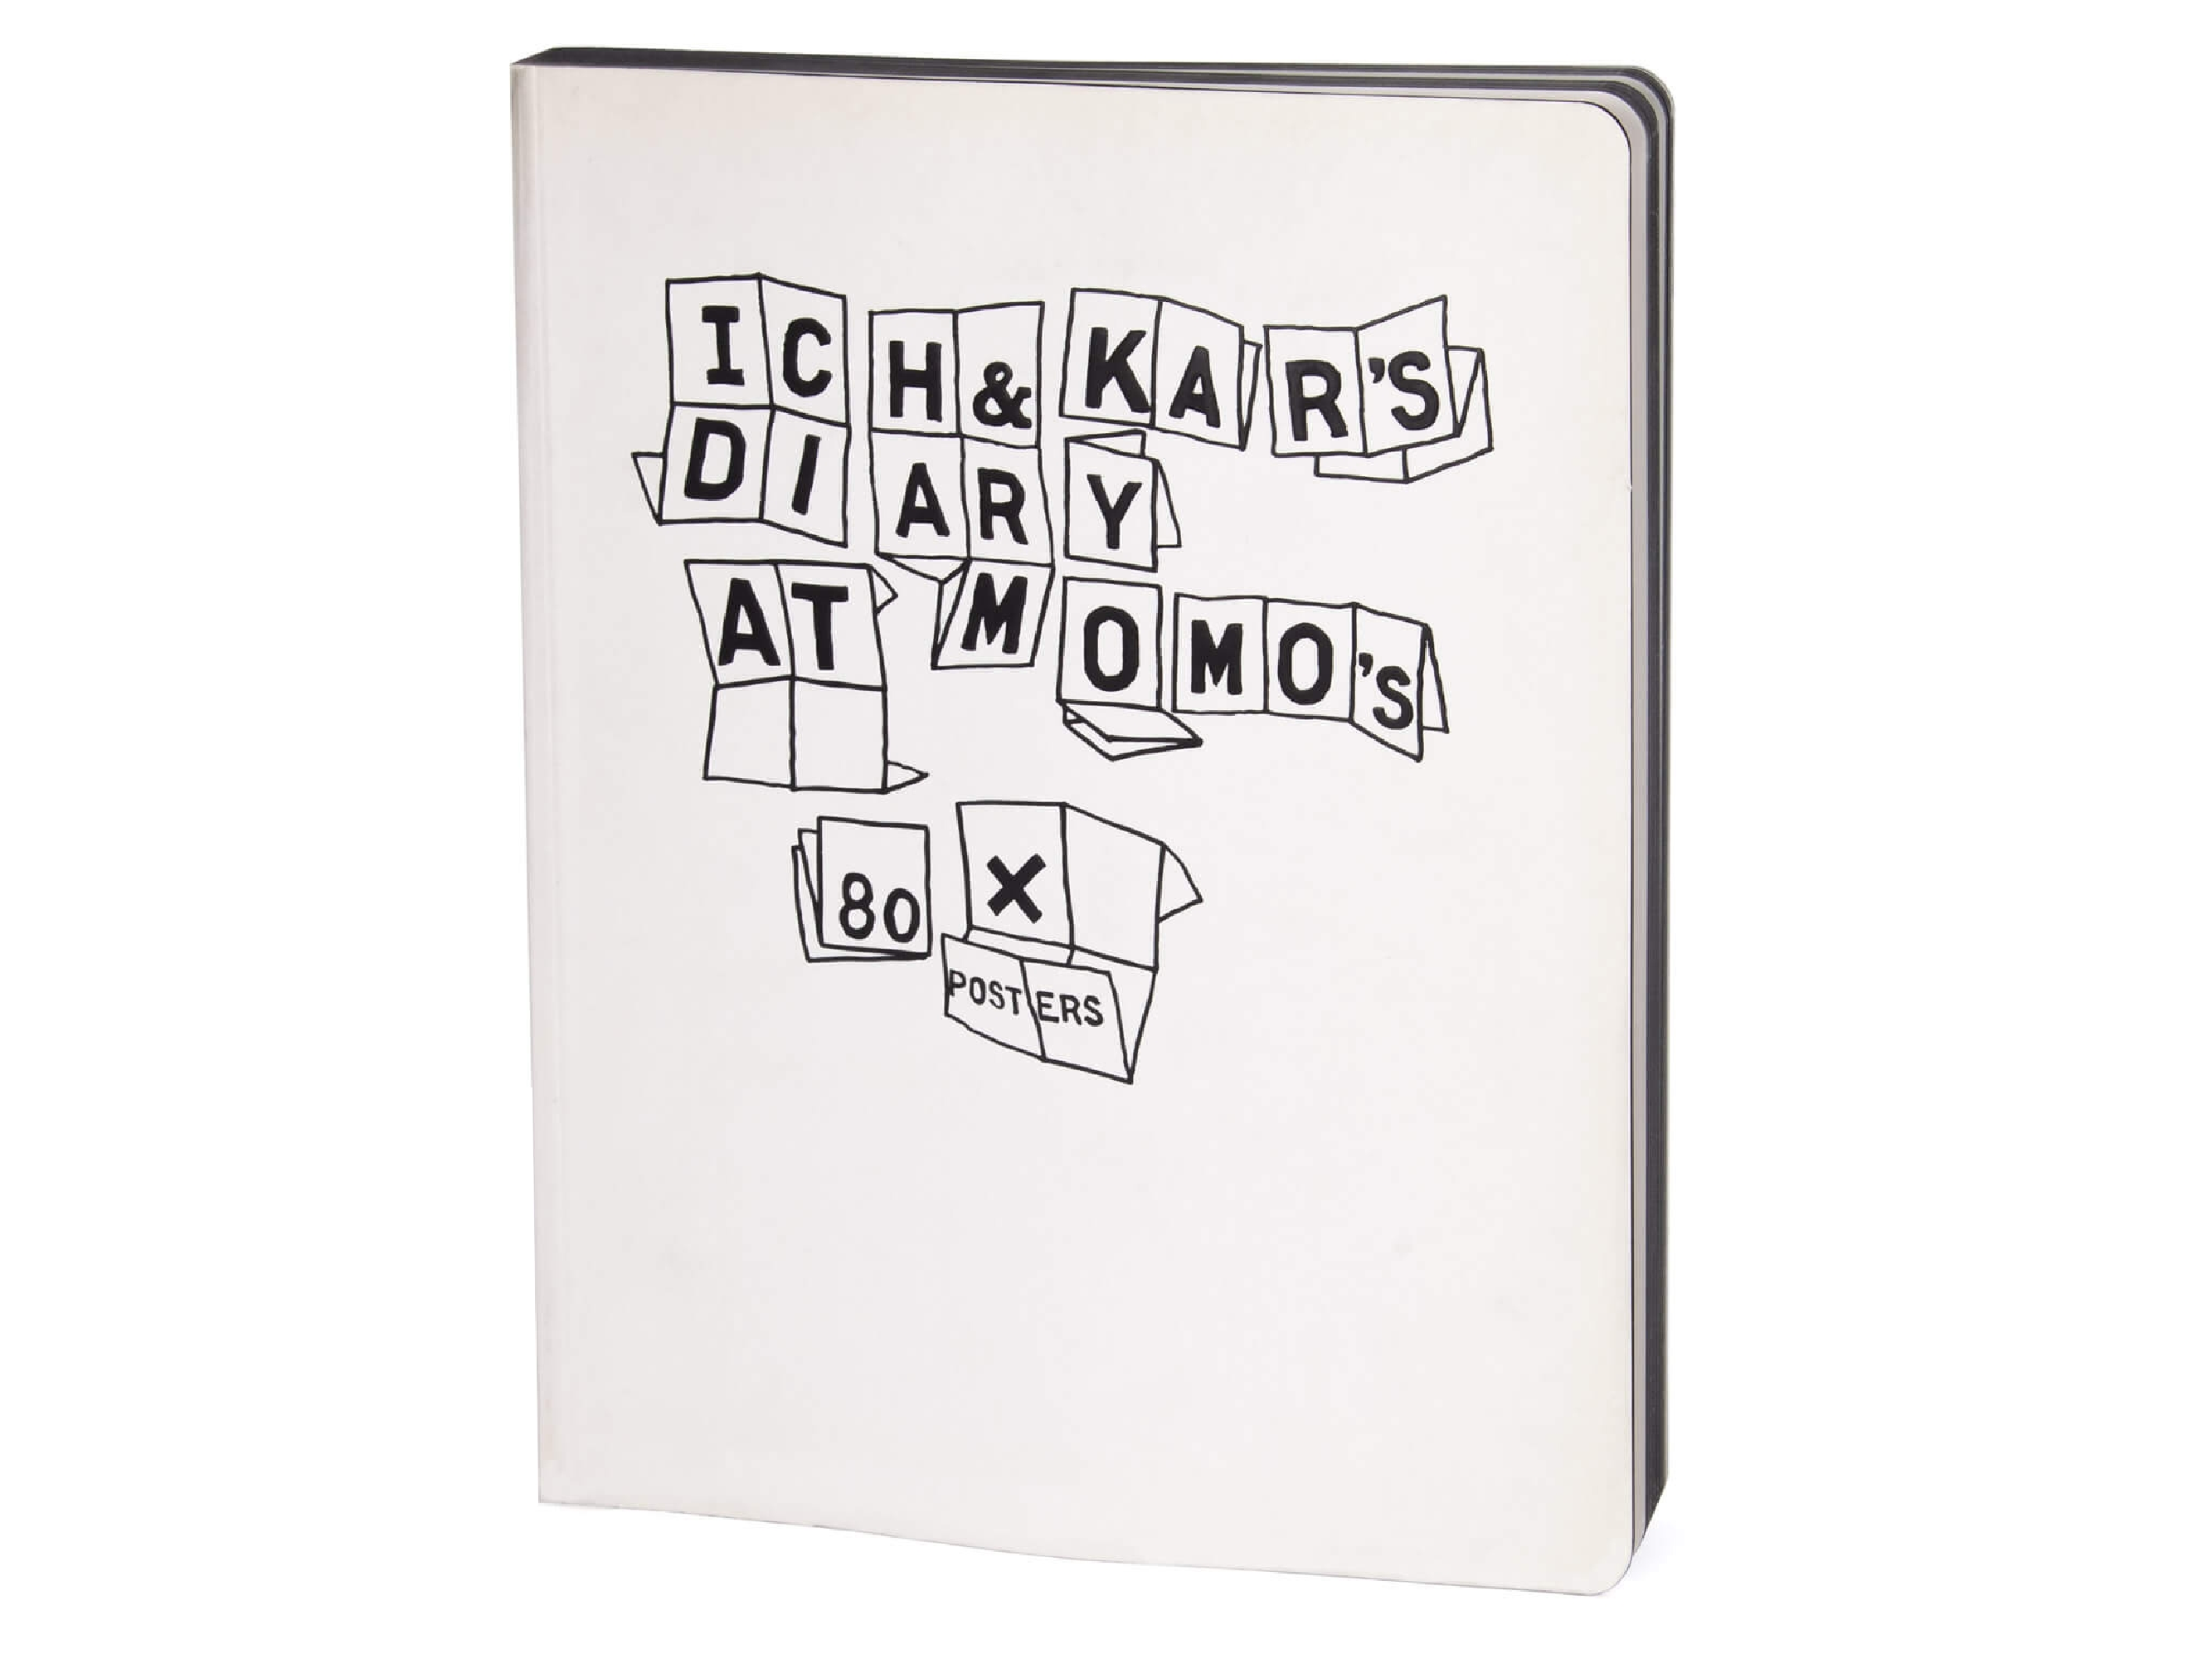 Couverture du livre Ich&kar's diary at Momo.